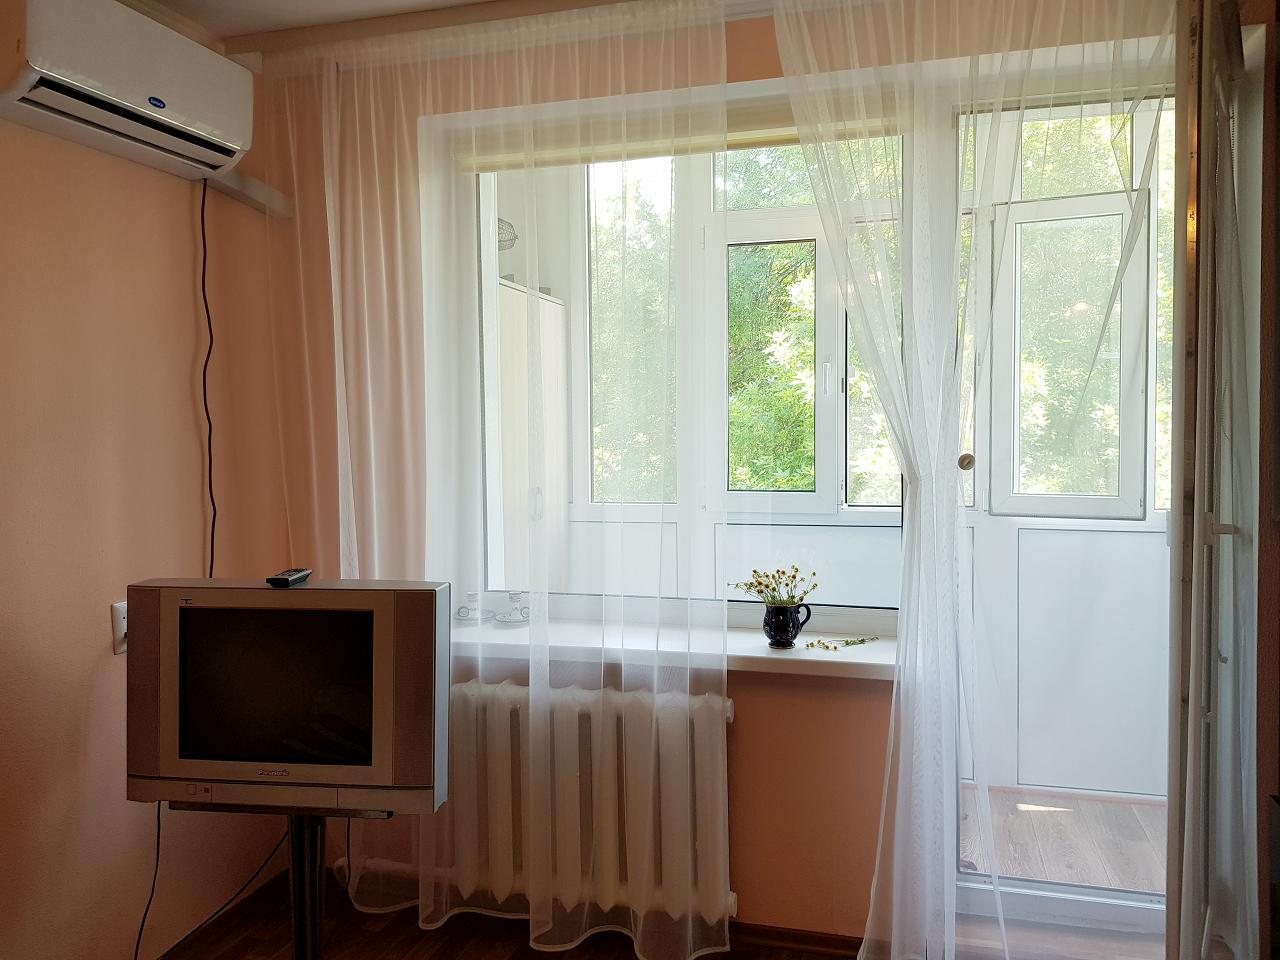 По-домашнему уютная 1 комнатная кв. в Центре, 3 – я Слободская, 3 спальных места (4)